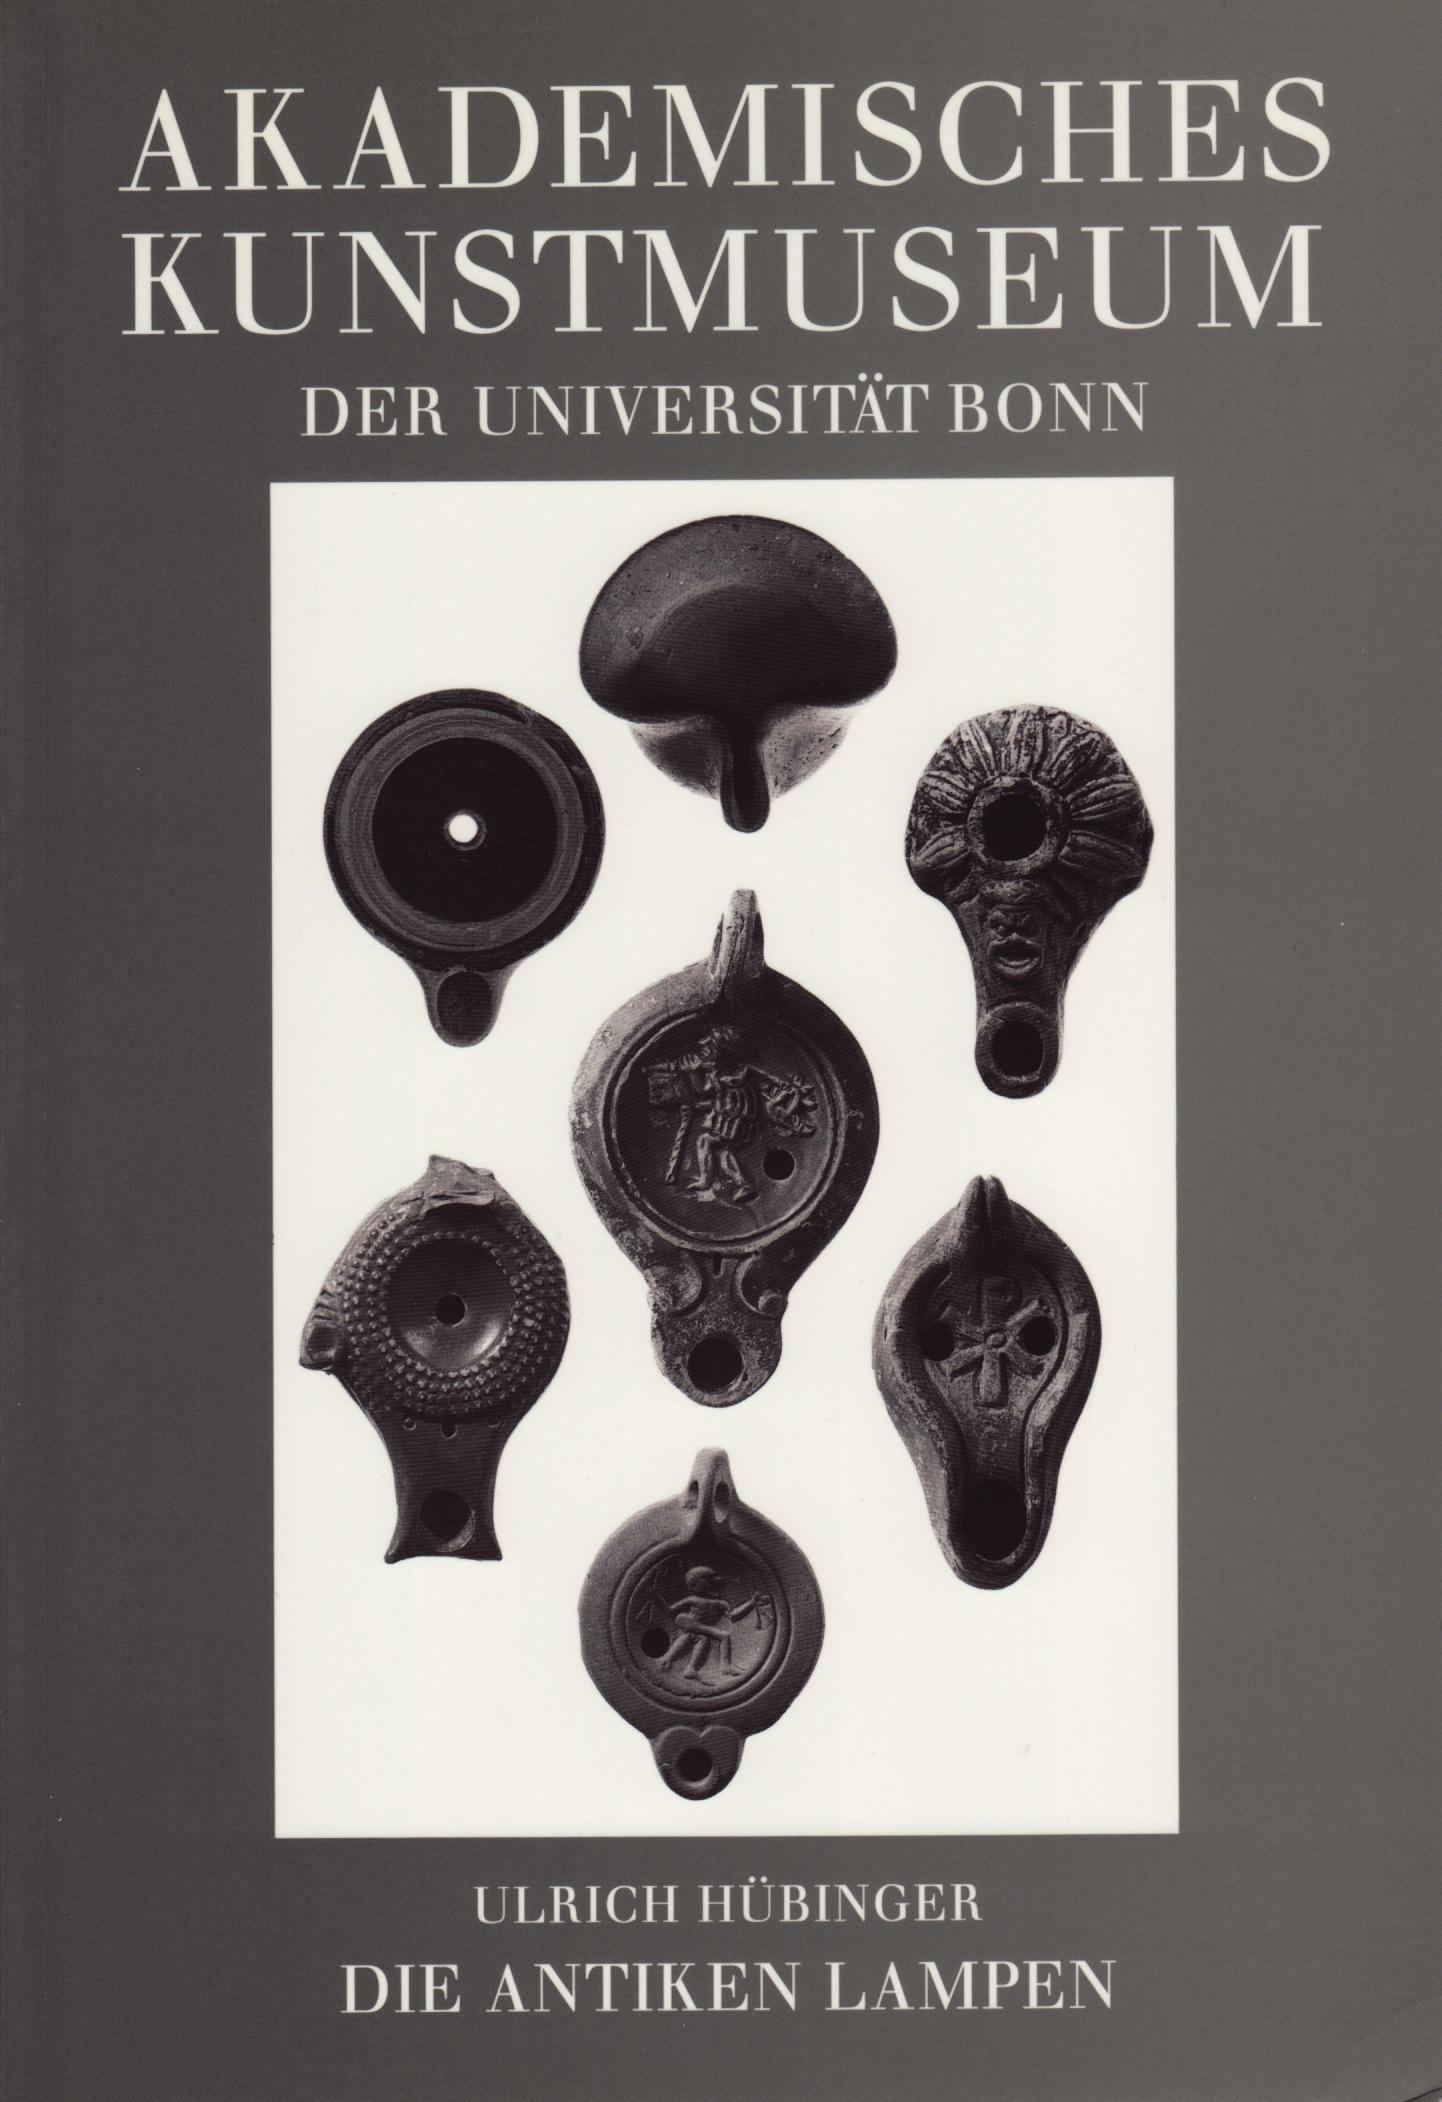 hübinger 1993